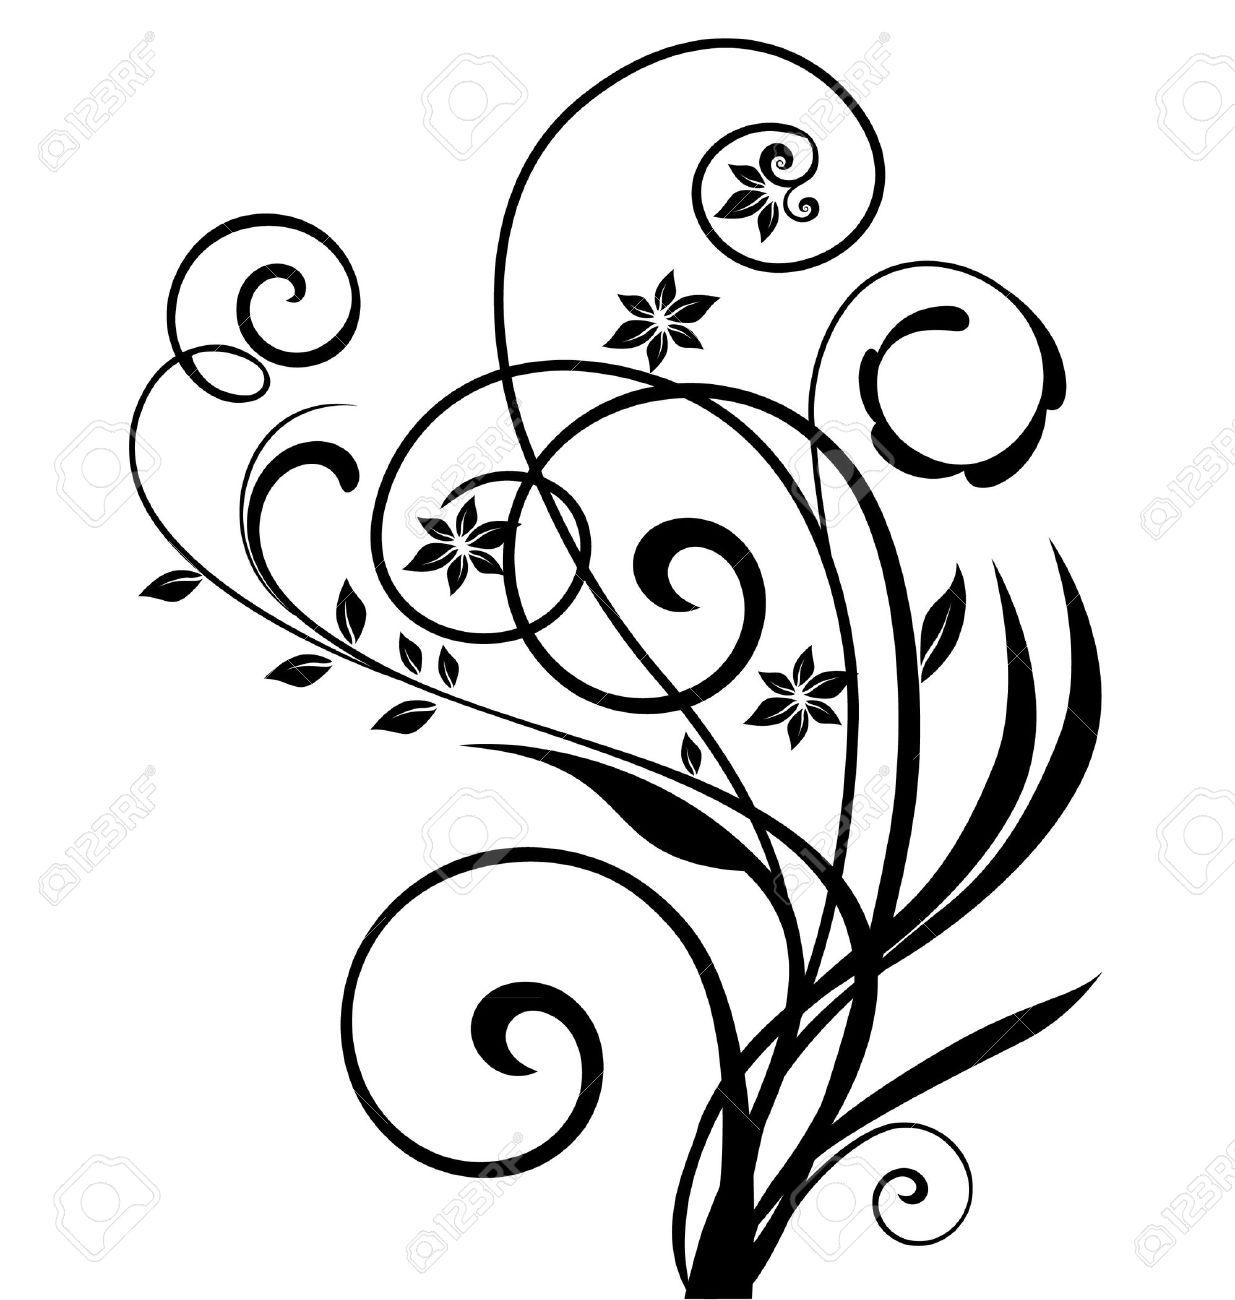 1235x1300 Vine Clipart Floral Design